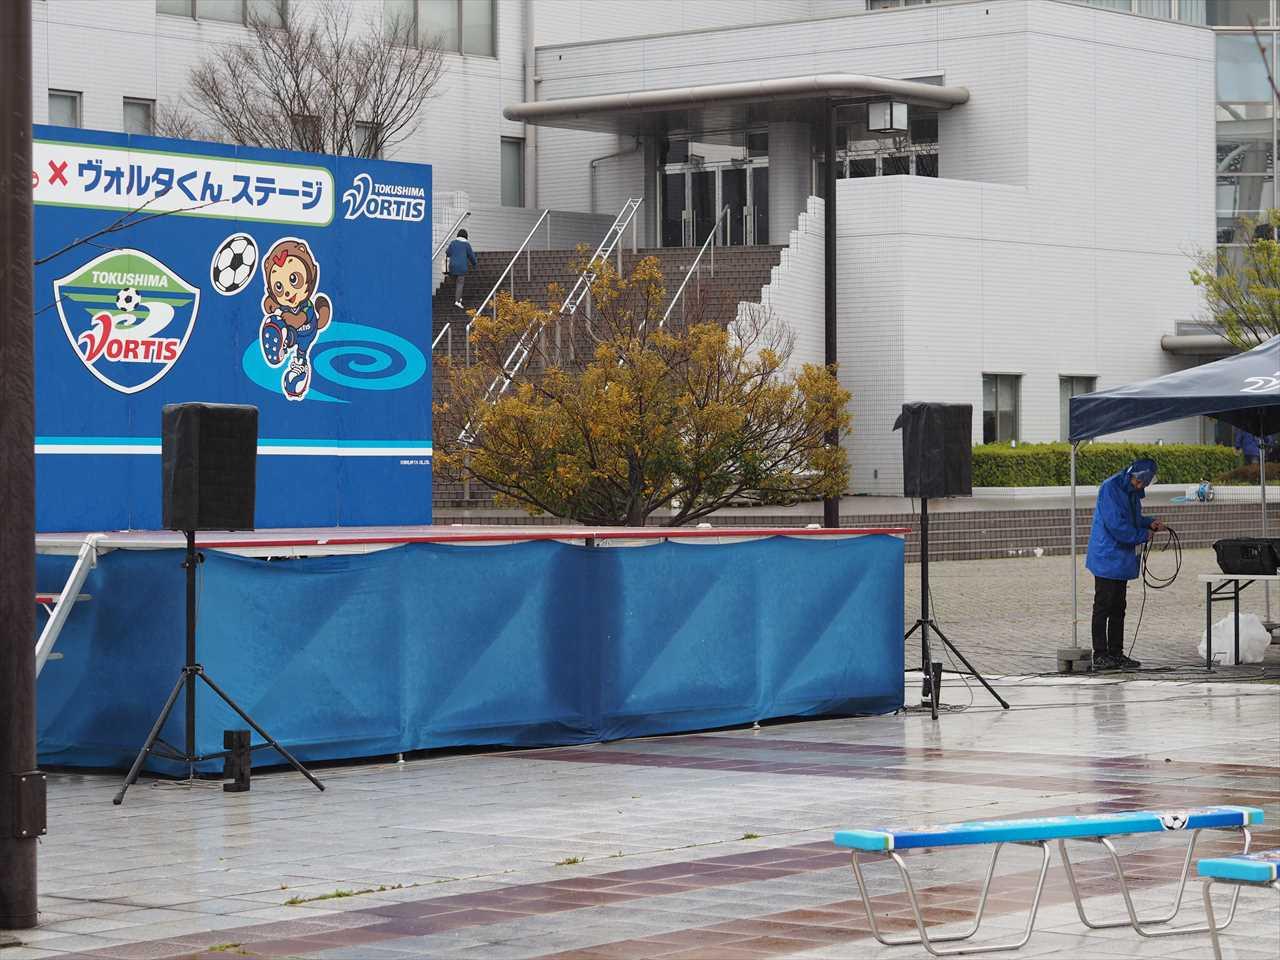 四国ダービー2019 ヴォルタくんステージ中止 2019年4月14日 徳島ヴォルティス 愛媛FC